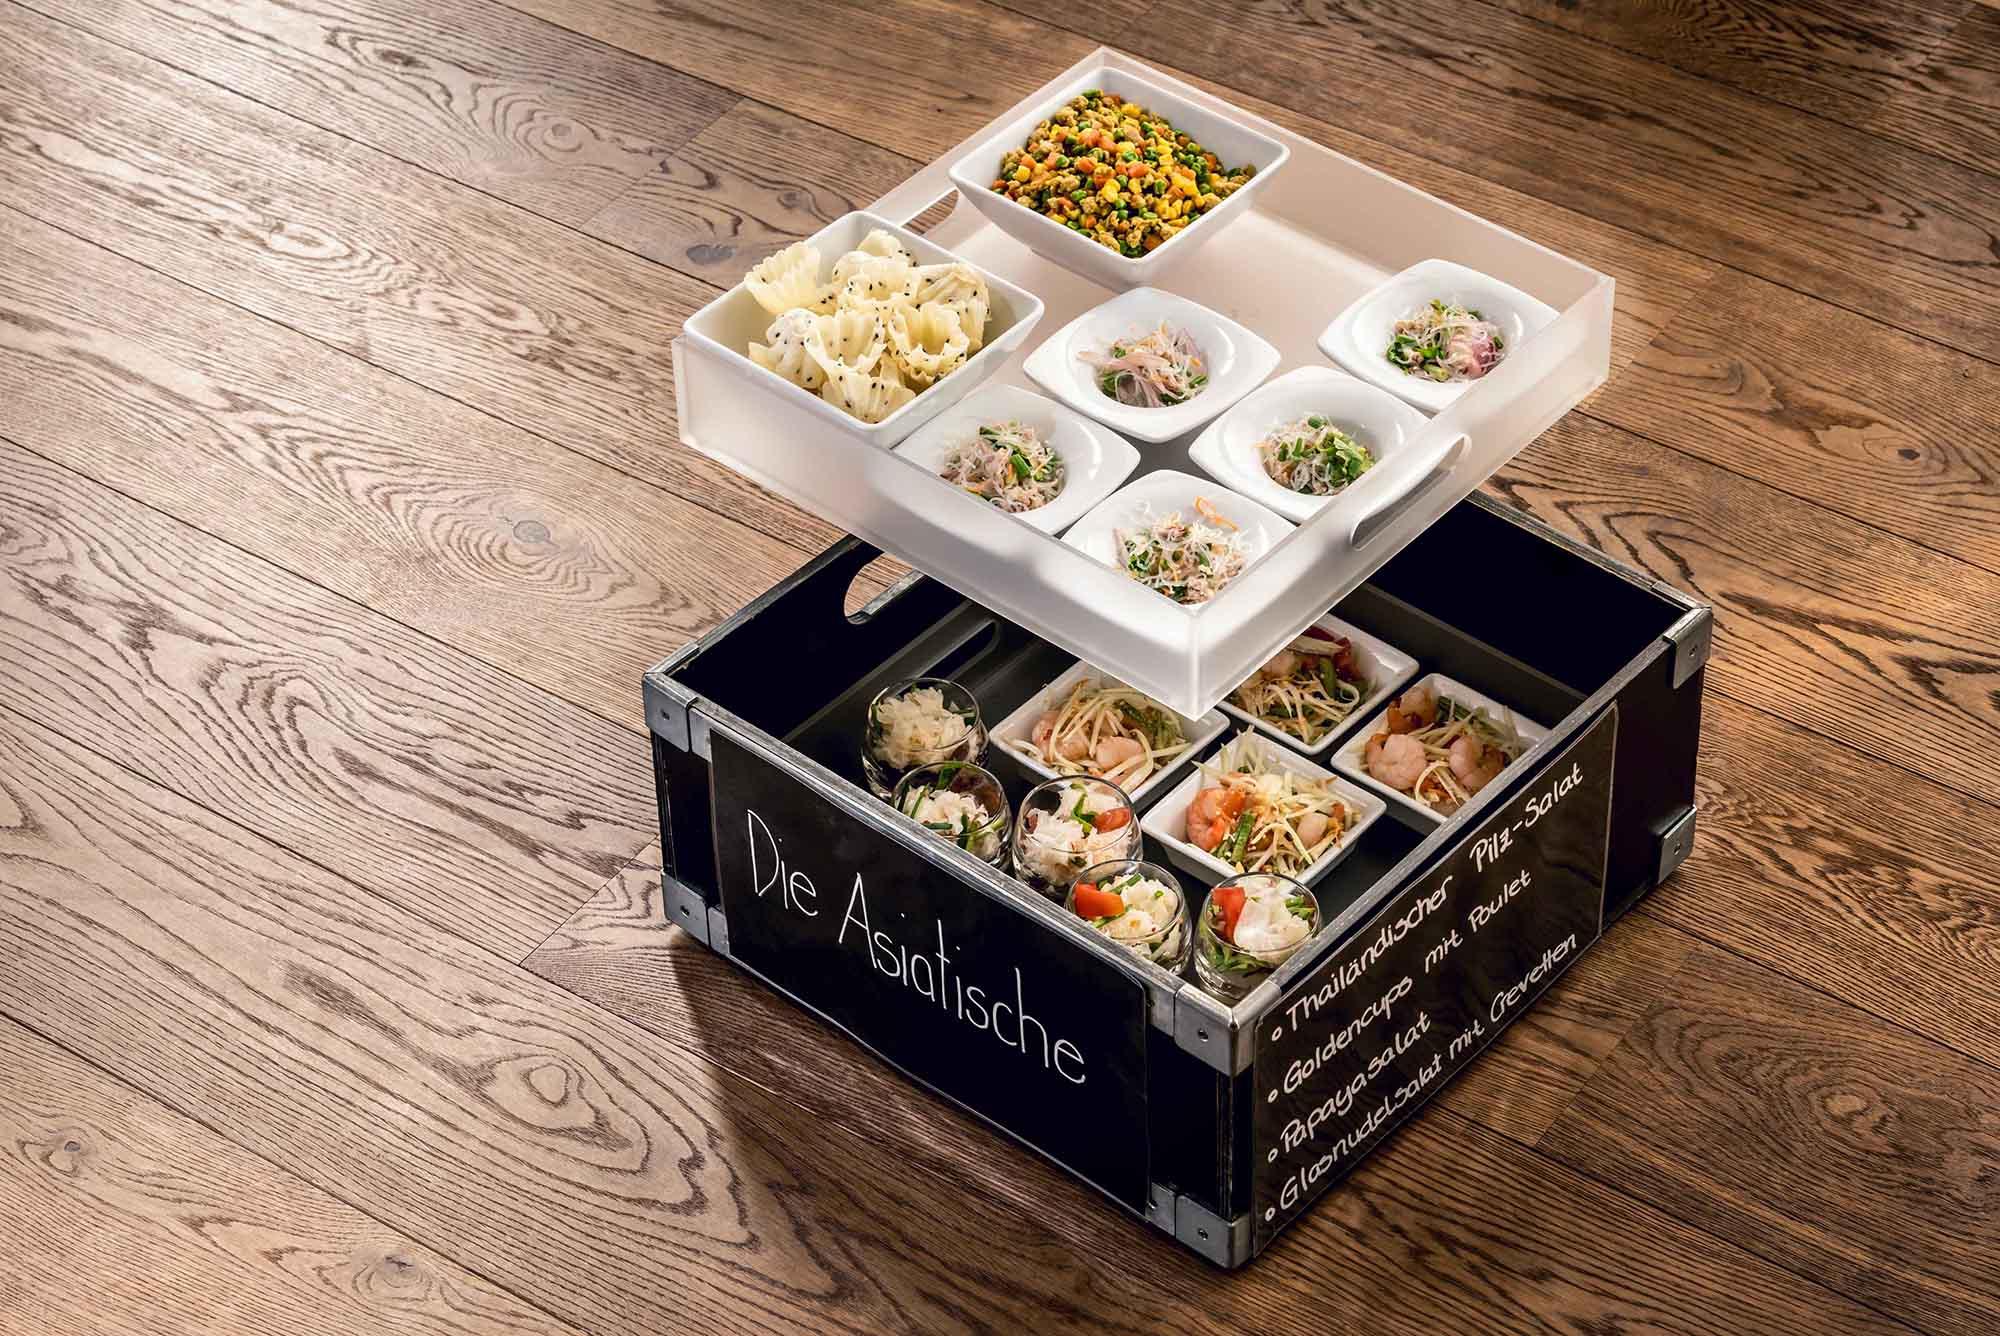 APERO BOX by Mangosteen Catering - Die Asiatische